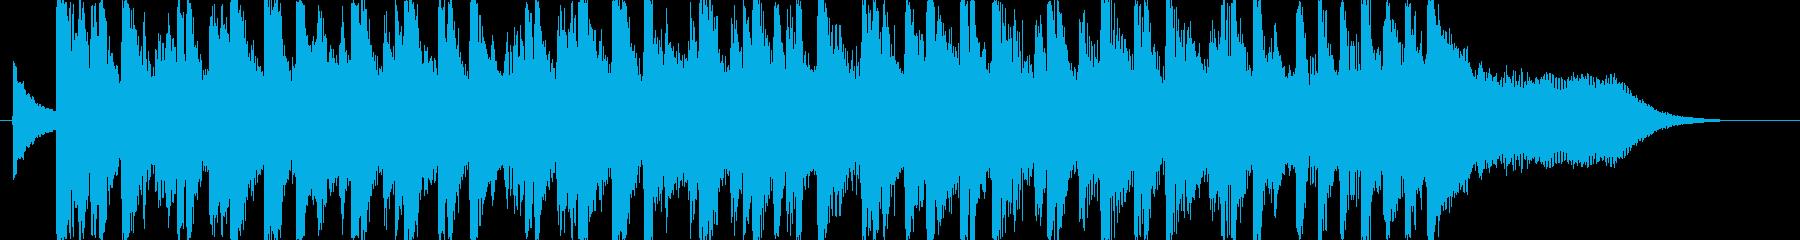 ニュース番組のオープニング風の再生済みの波形